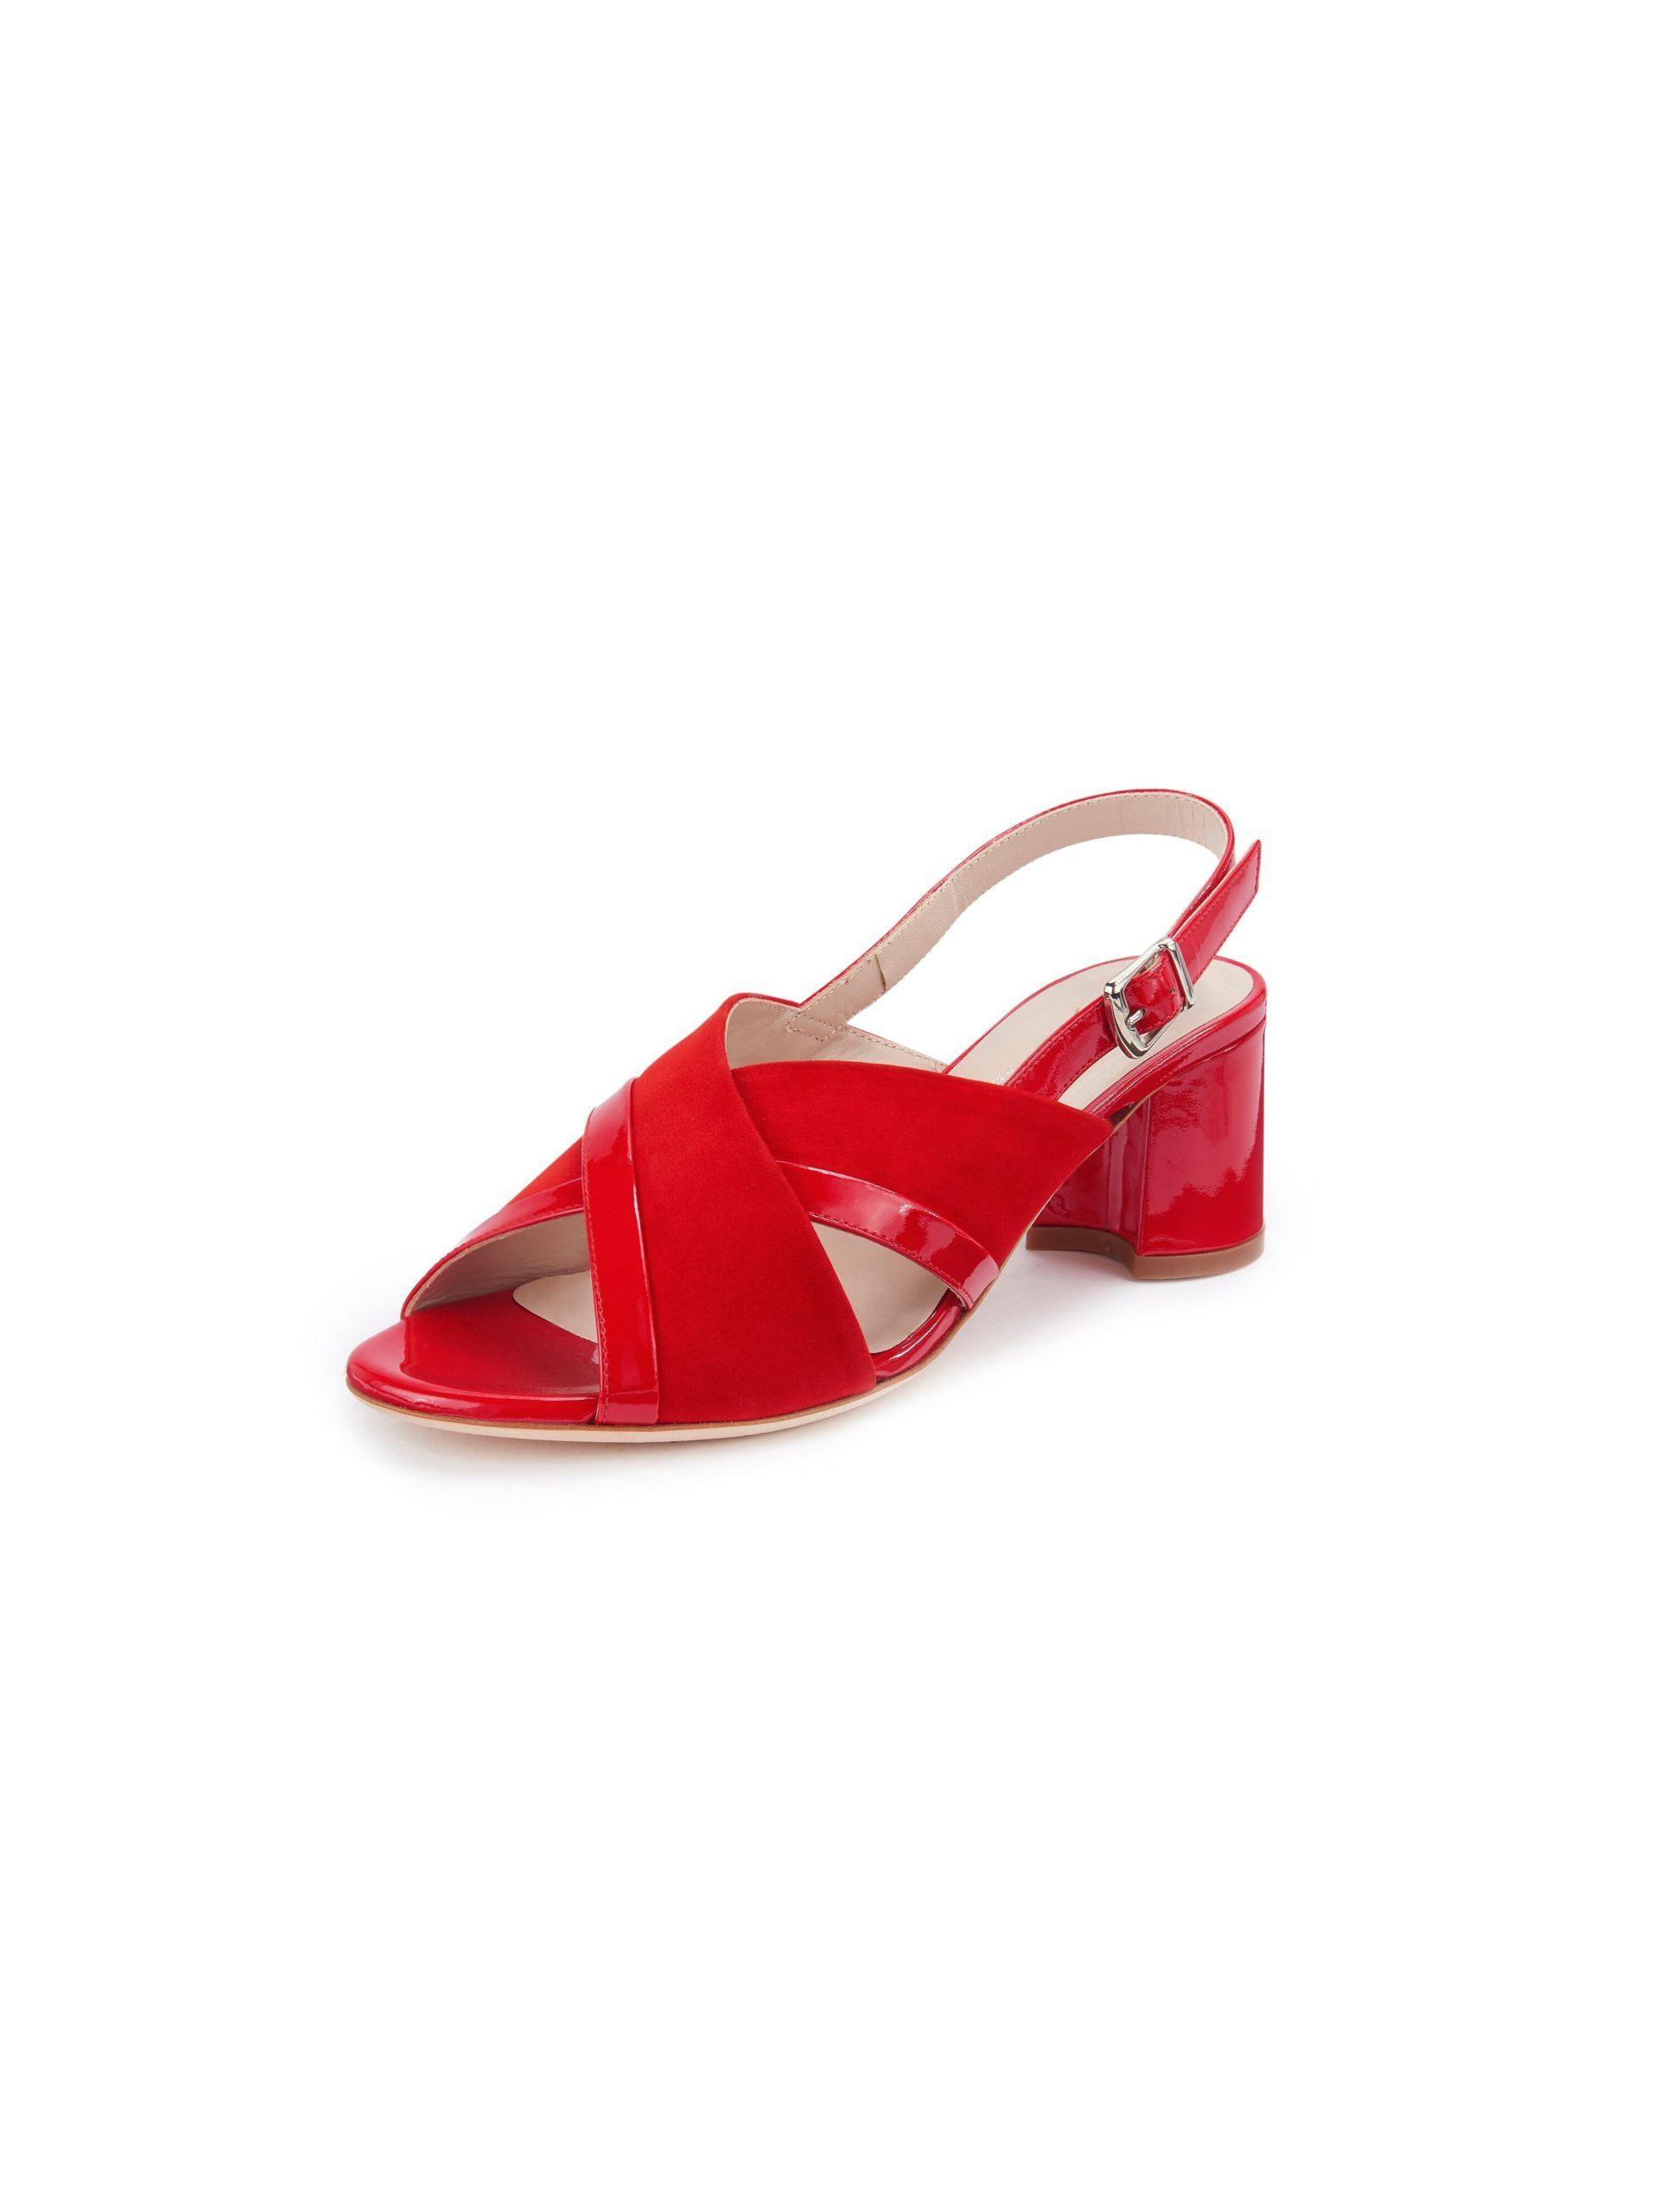 Sandalen model Valeria Van Melluso rood Kopen